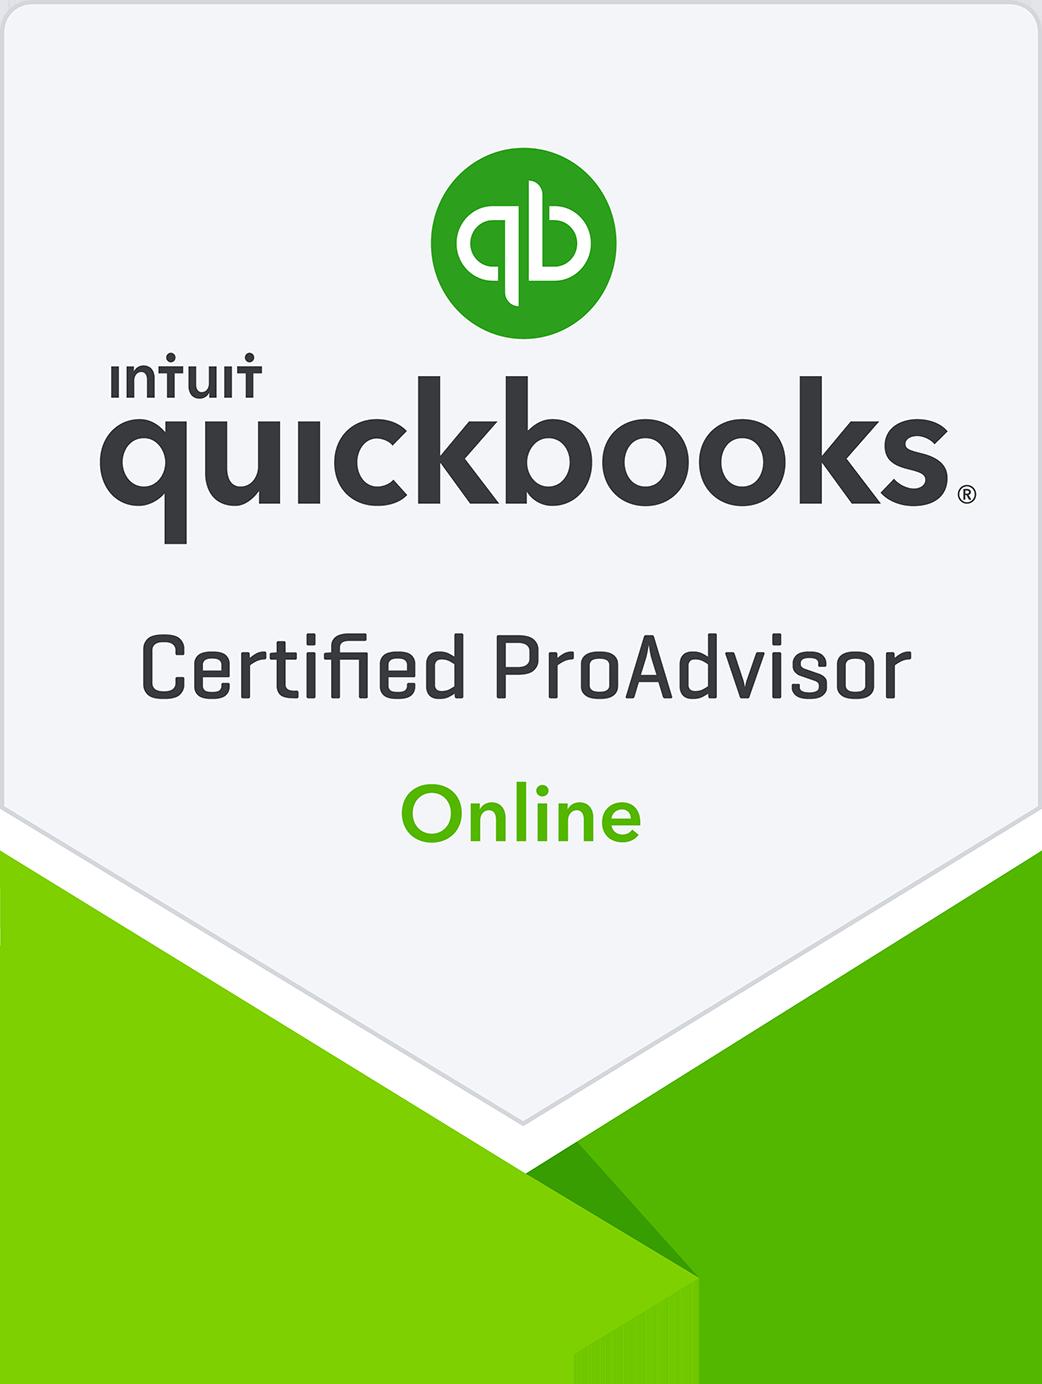 Certified QuickBooks Online Proadvisor in Centennial, CO Denver, CO